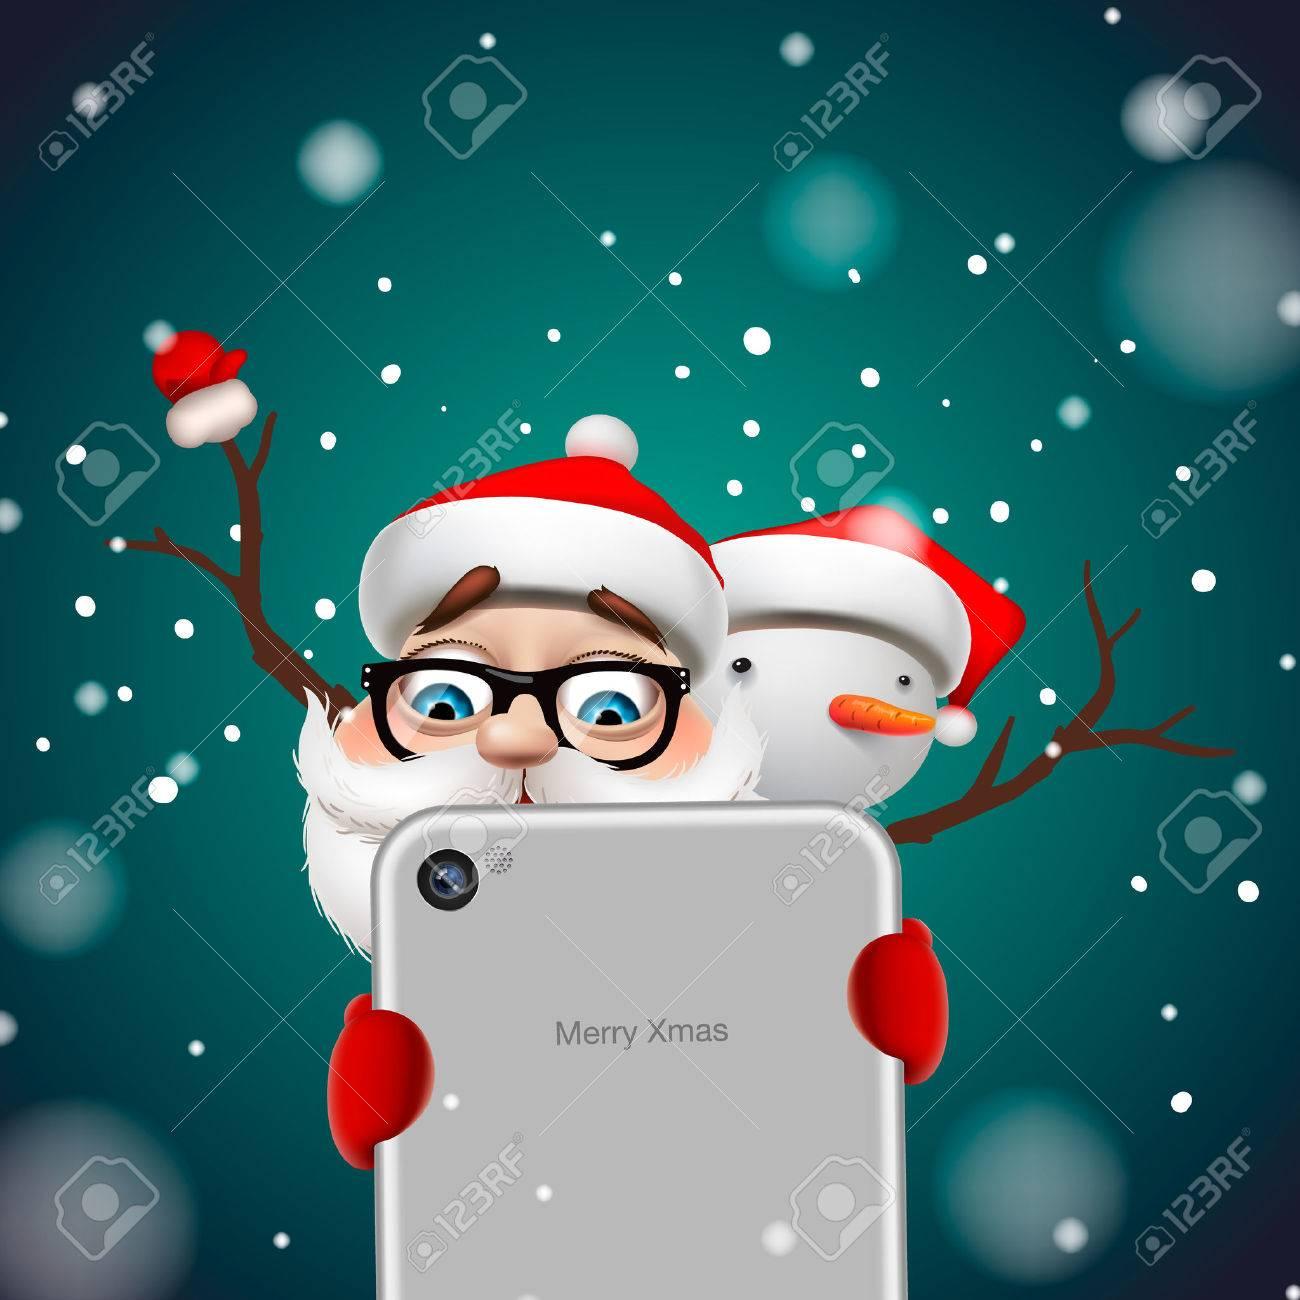 Grußkarte, Weihnachtskarte mit Santa Claus, Hirsch und Schneemann, Vektor-Illustration. Standard-Bild - 47864095